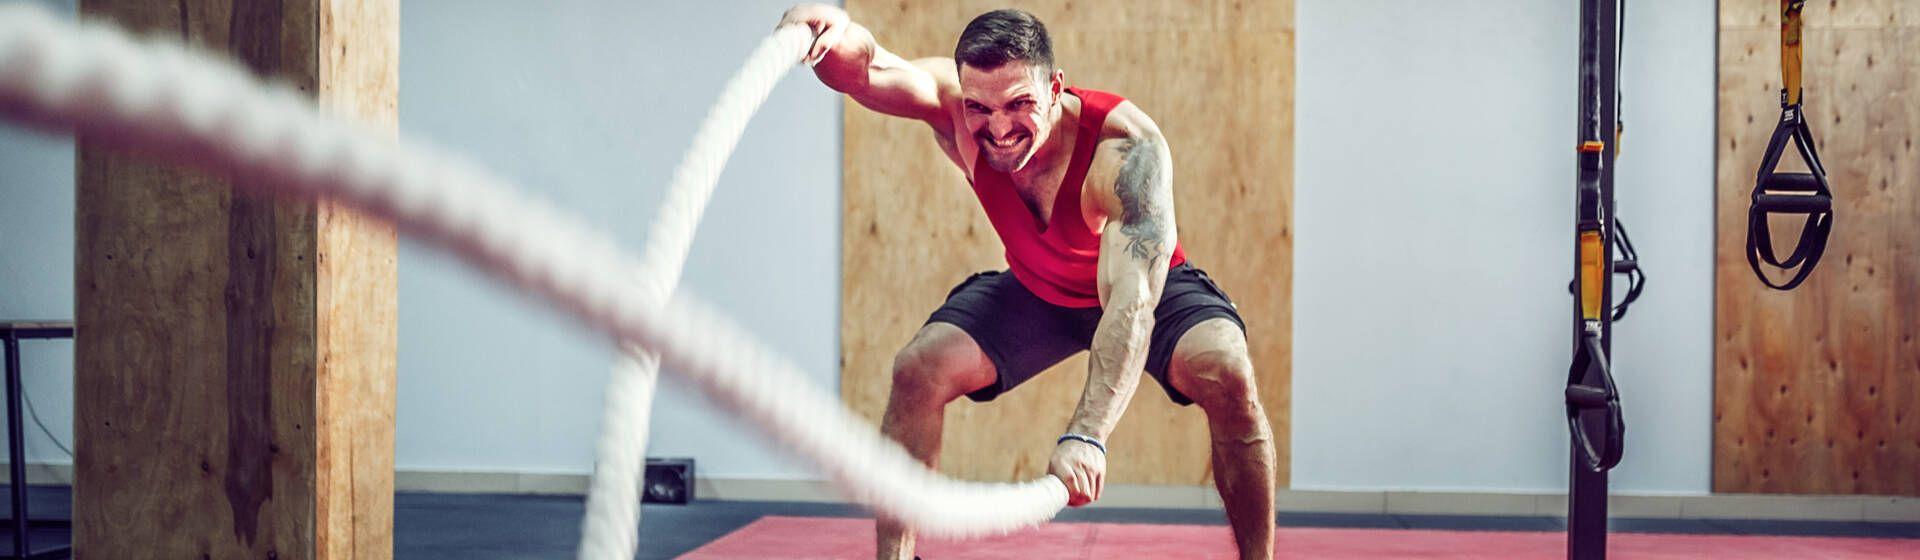 Homem caucasiano usando cordas para treinar